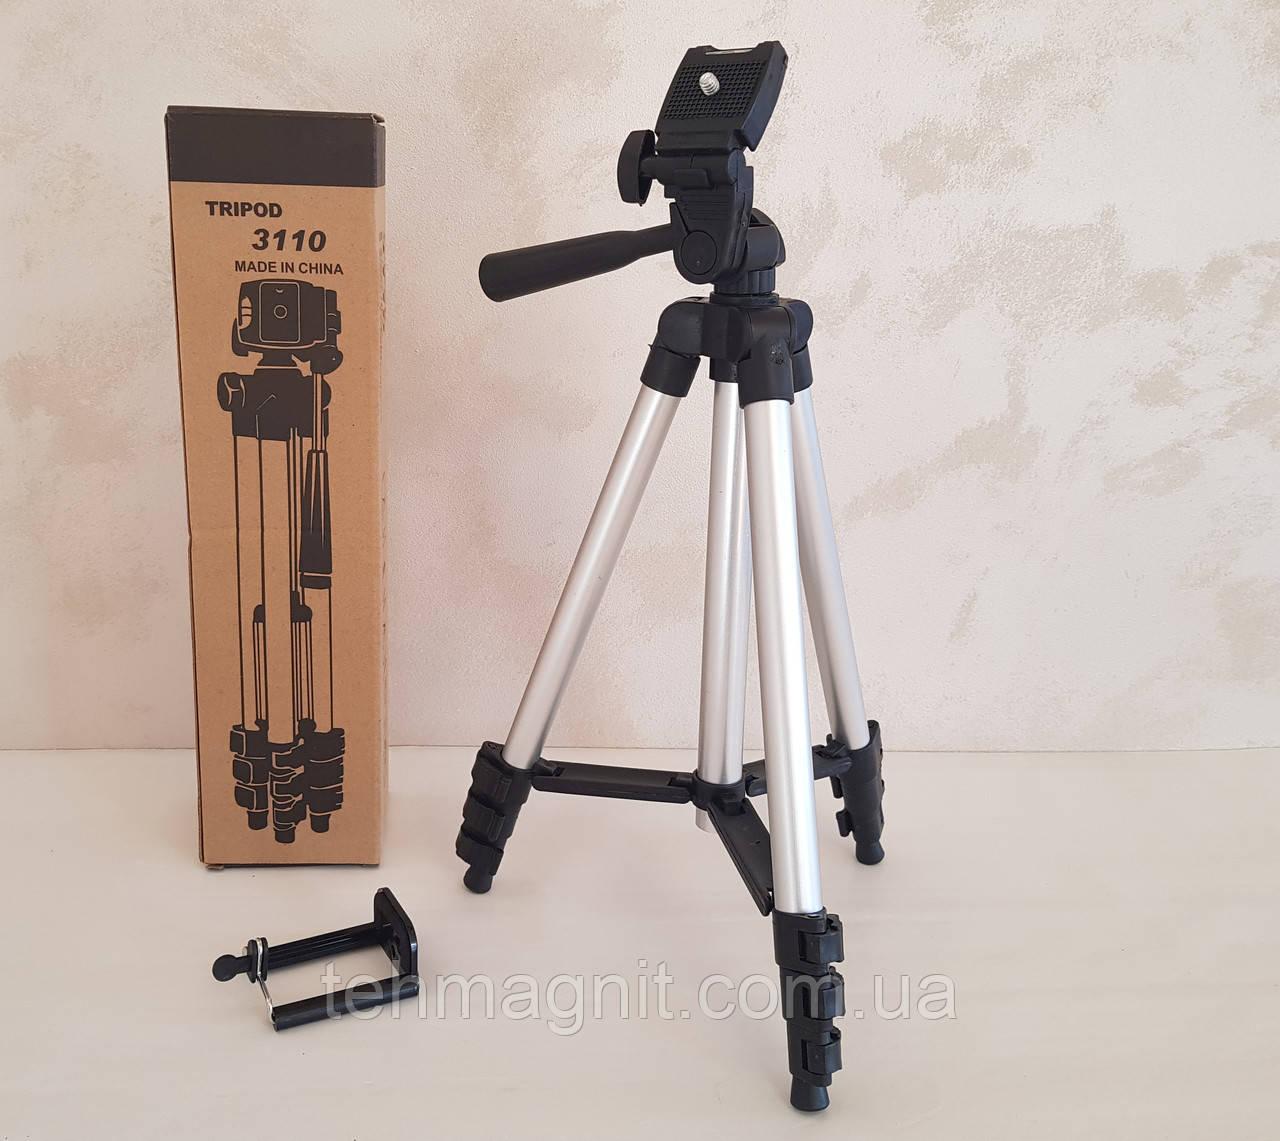 Штатив  для камеры, телефона, трипод, тринога Tripod 3110  универсальный